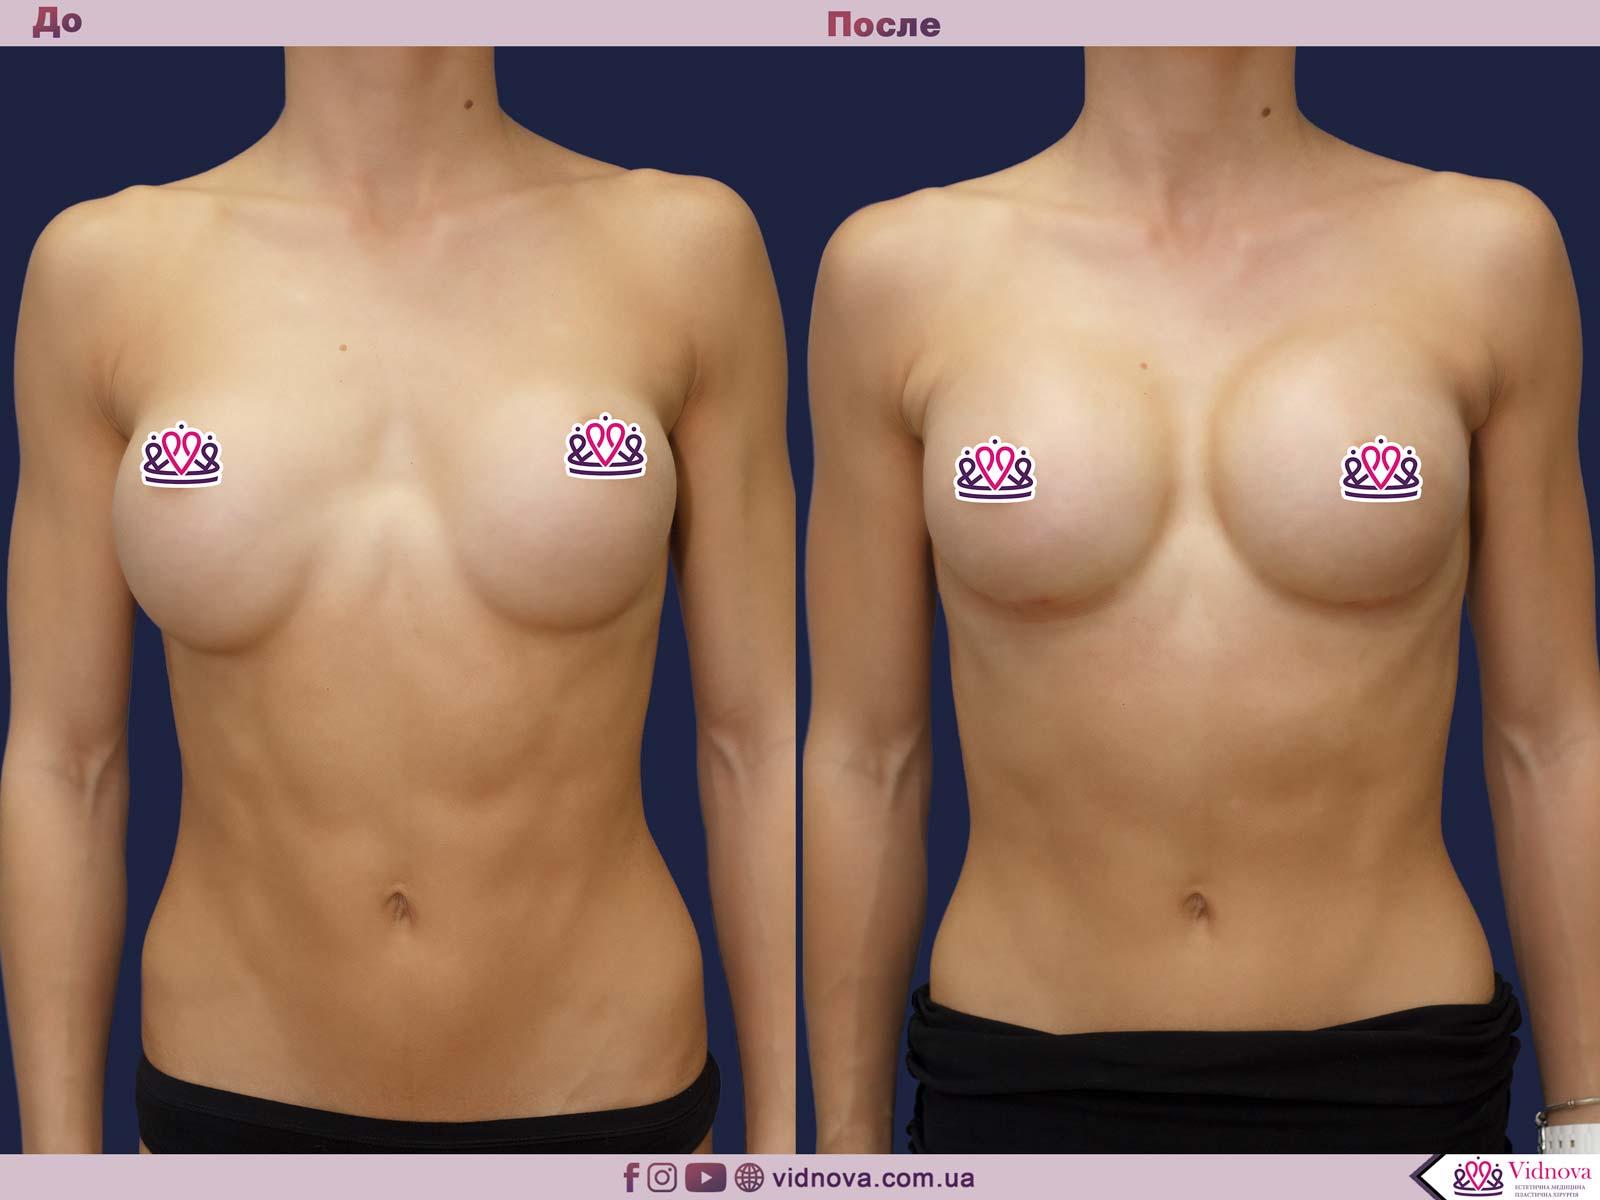 Пластика груди: результаты до и после - Пример №38-0 - Светлана Работенко